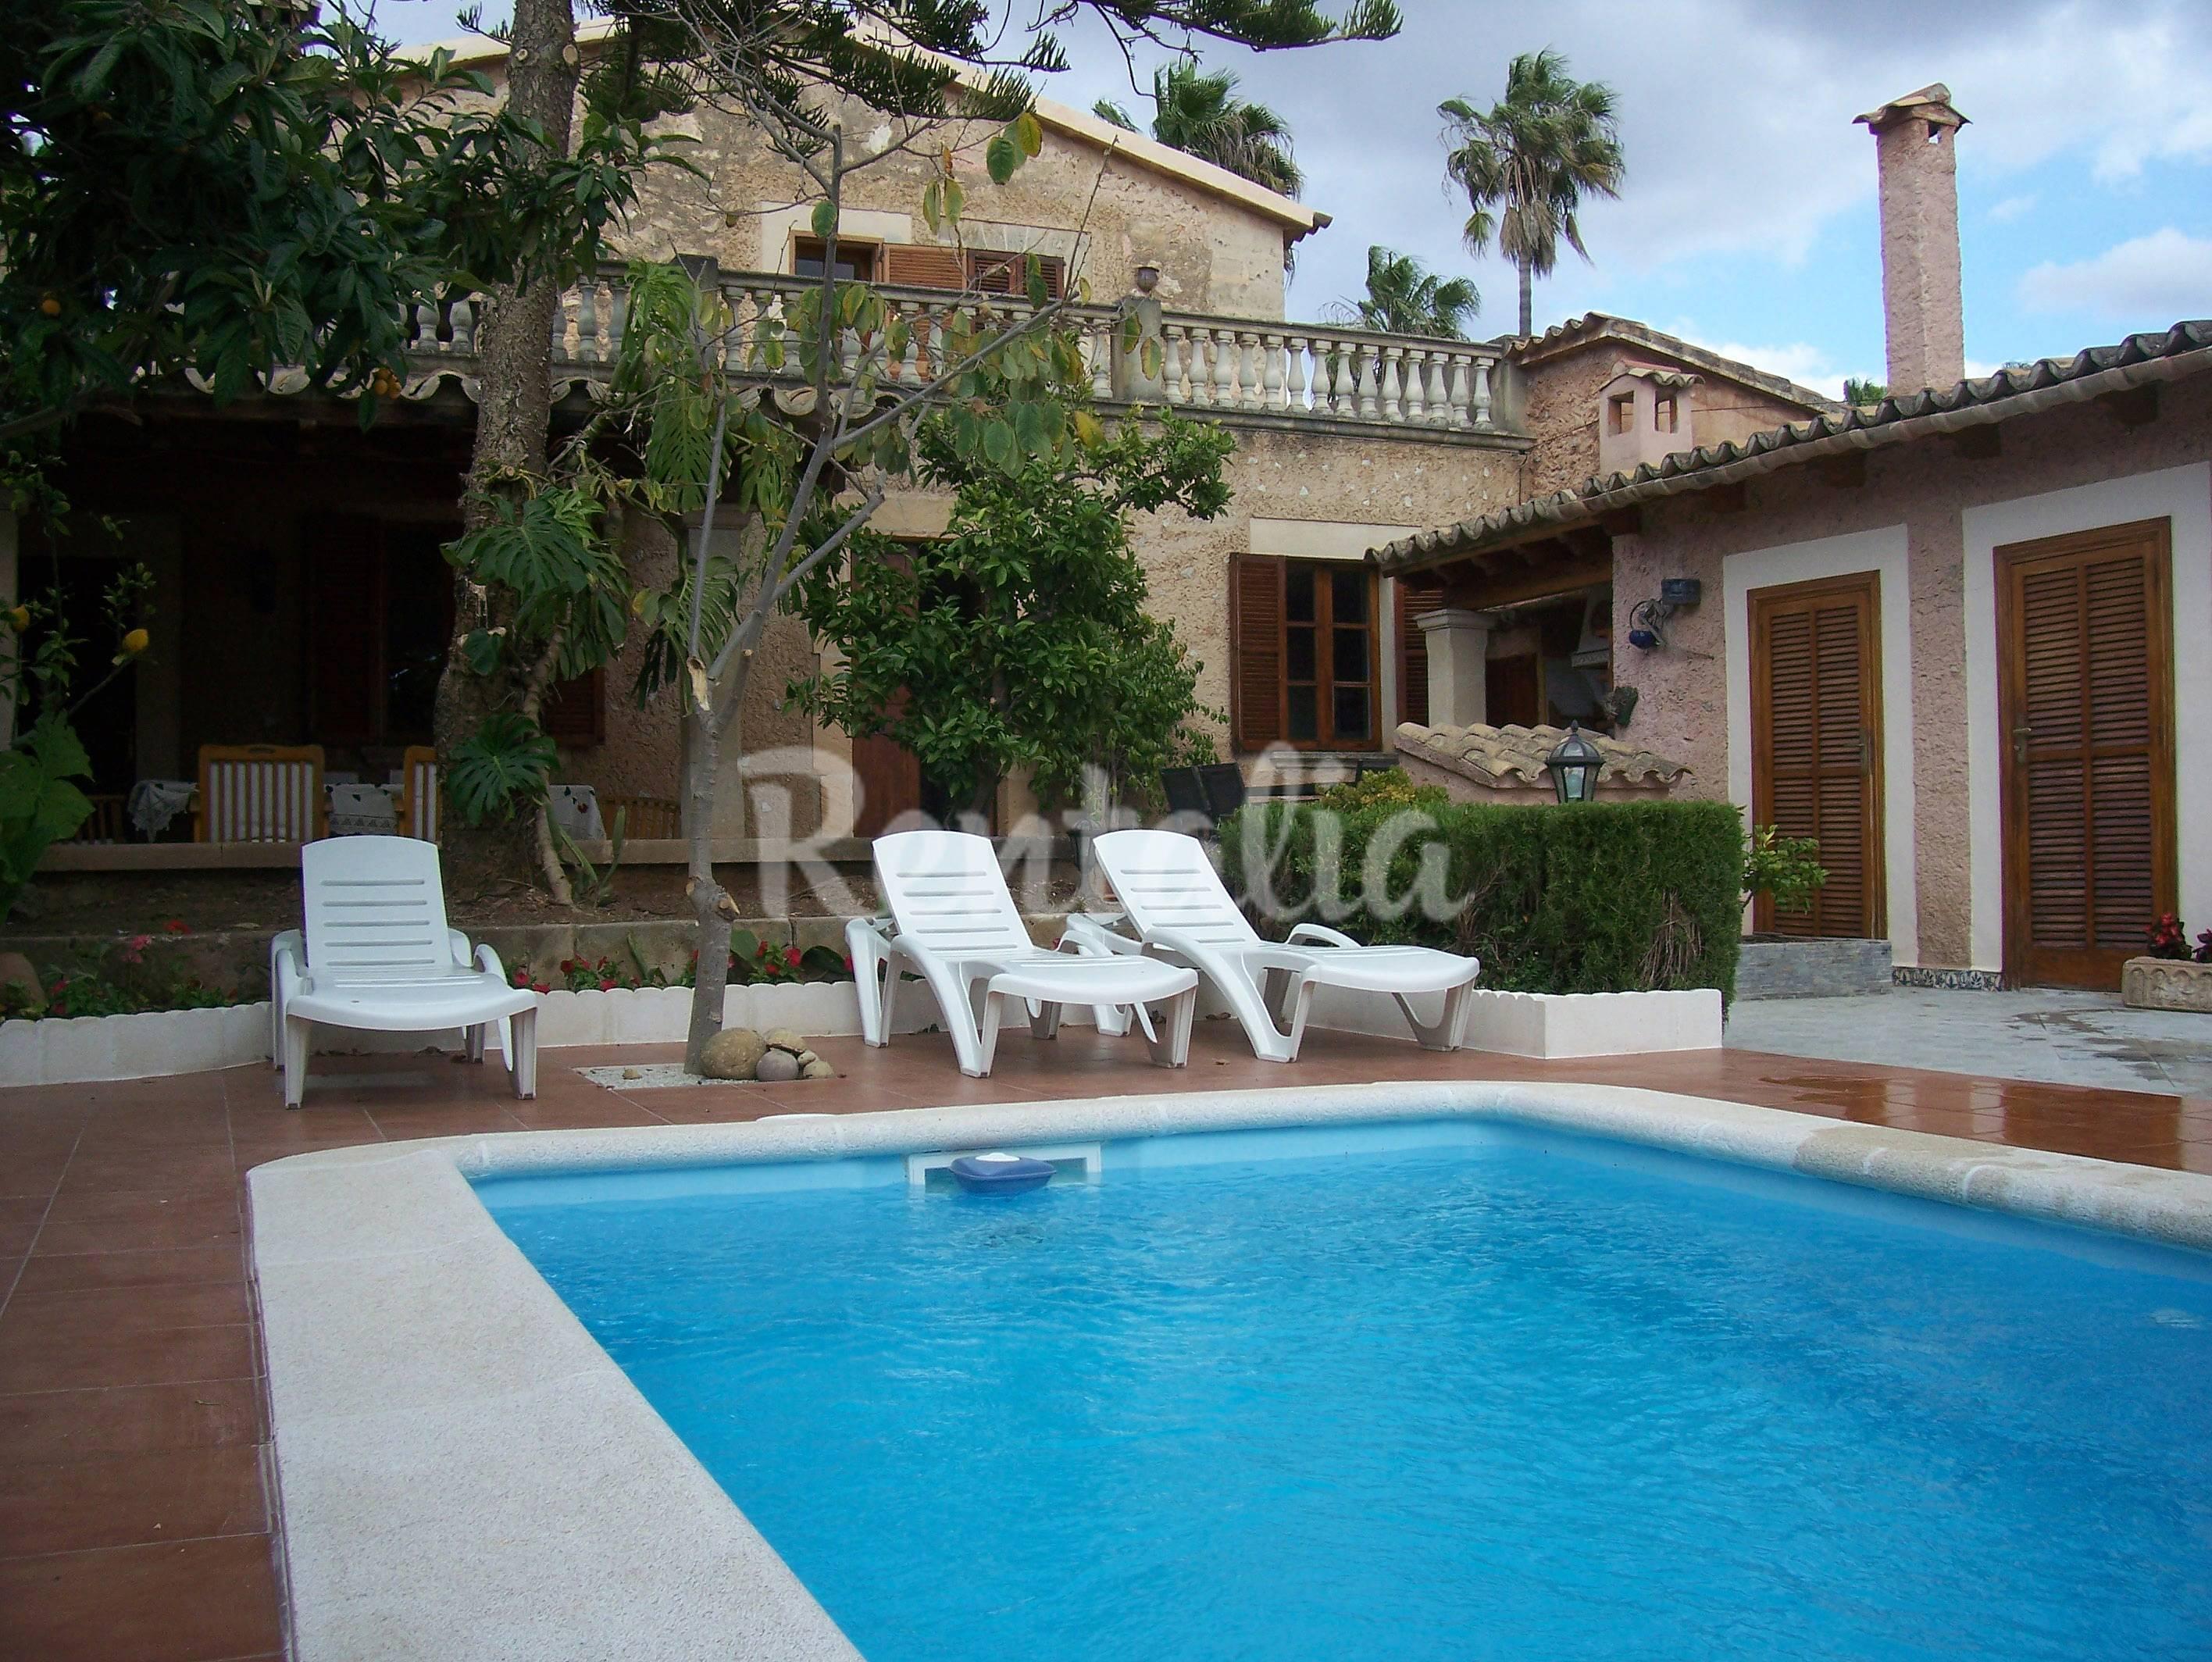 Alquiler vacaciones apartamentos y casas rurales en palma for Alquiler palma de mallorca